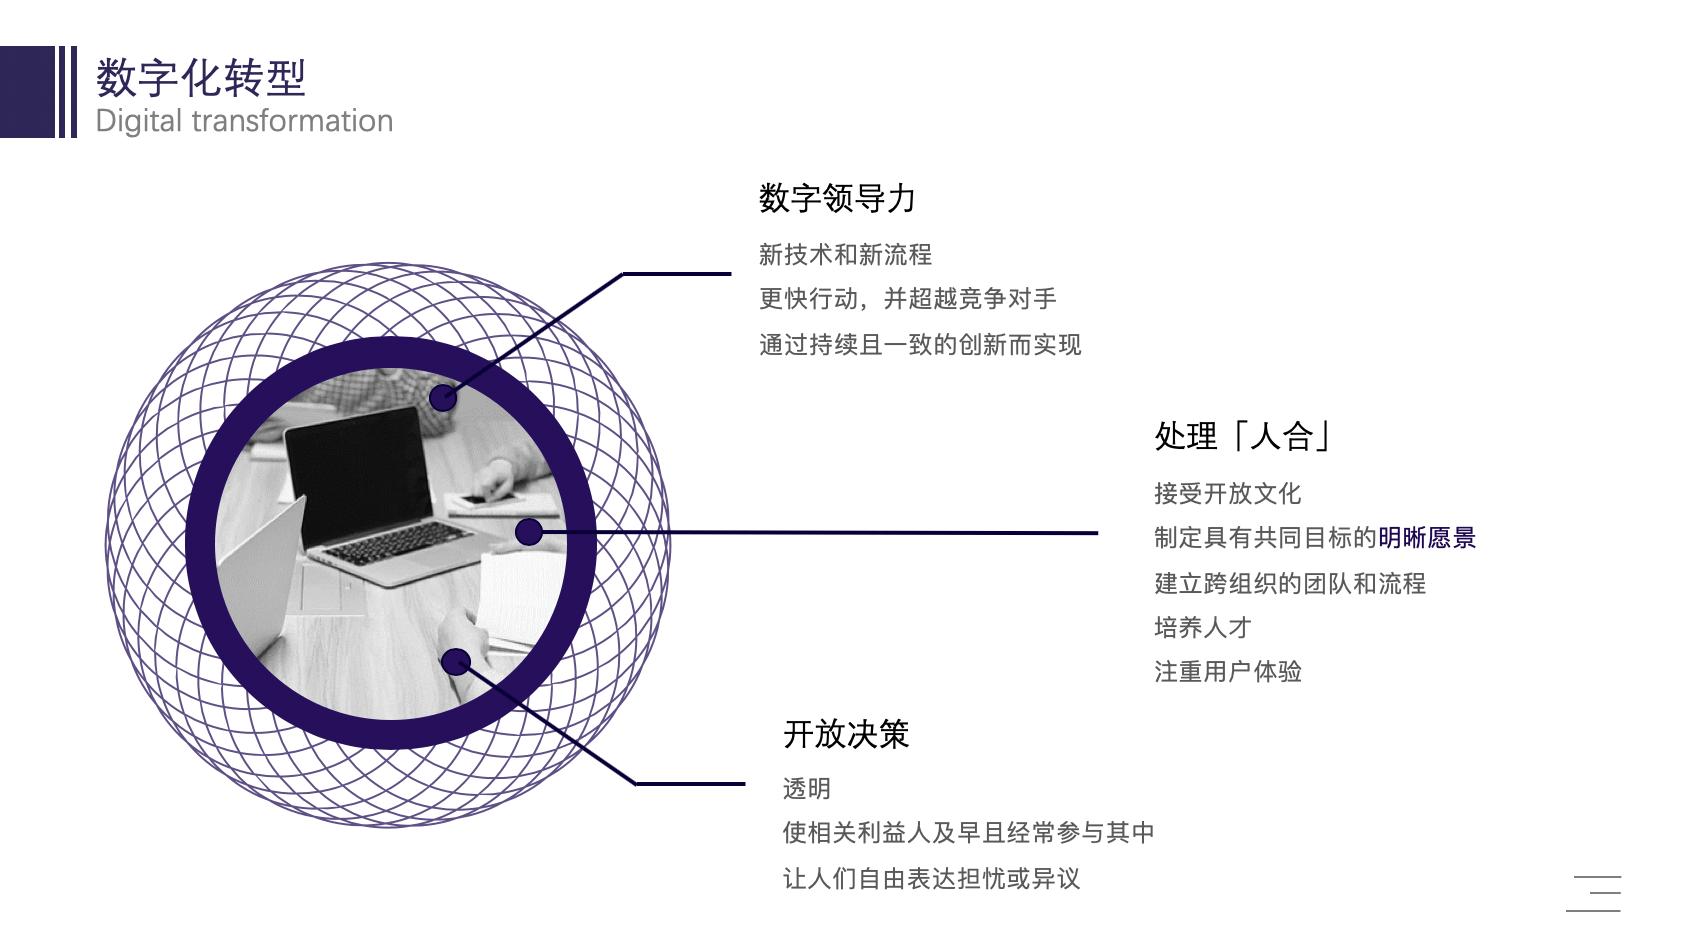 数字化转型